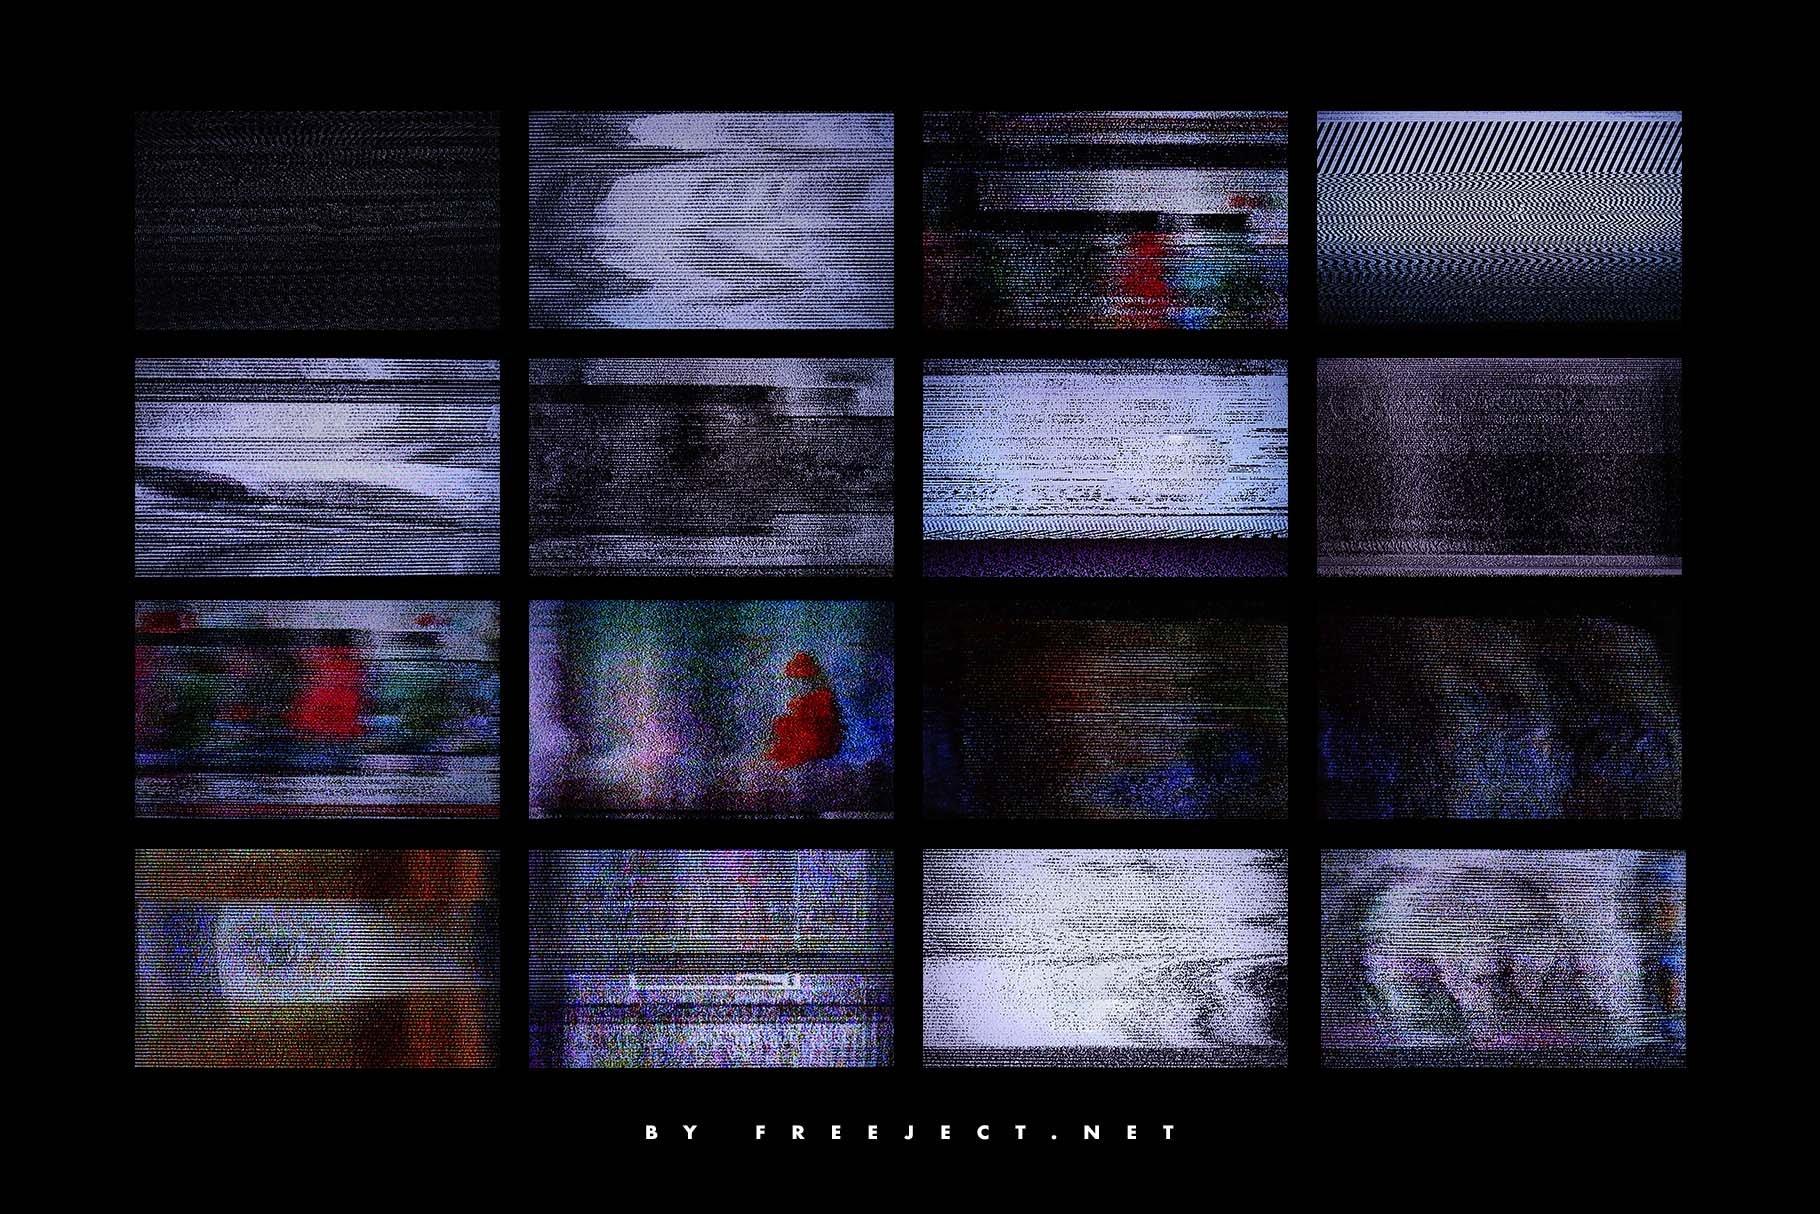 [淘宝购买]62款高清抽象粗糙故障风平面广告海报设计背景纹理图片素材 62 Abstract Scanline Glitch Texture插图(7)